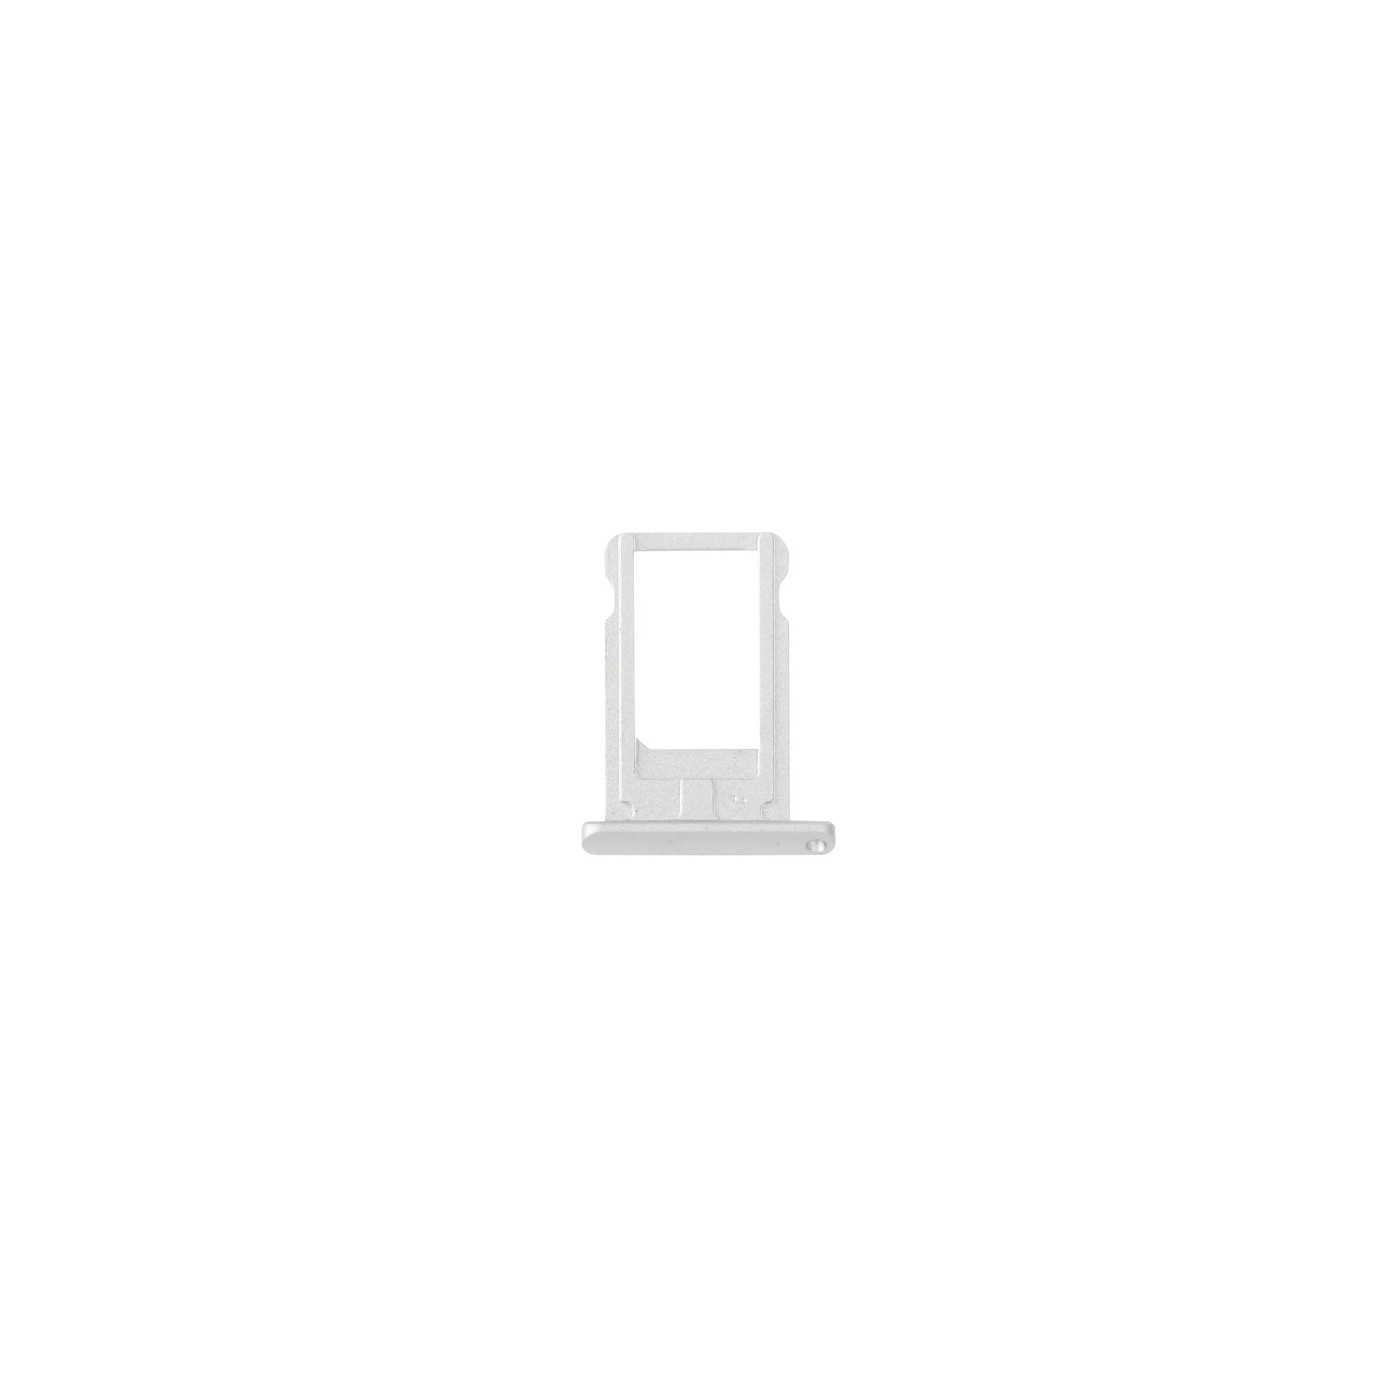 Sleigh sim card port for iPad mini 3 Silver cart parts